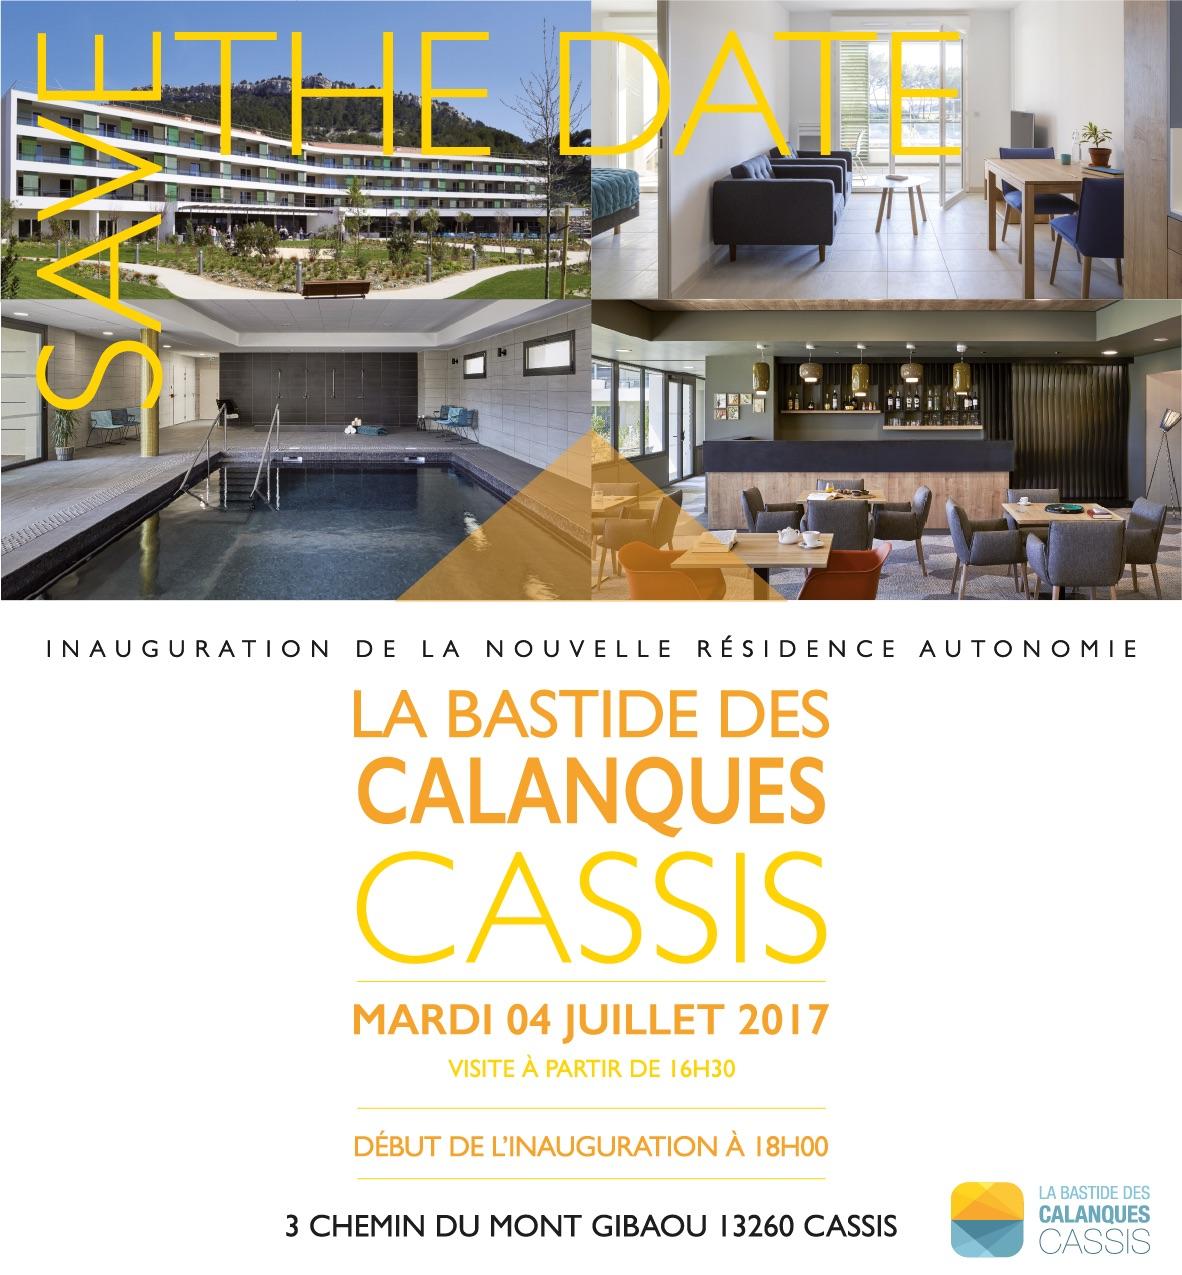 INAUGURATION DE LA BASTIDE DES CALANQUES - CASSIS